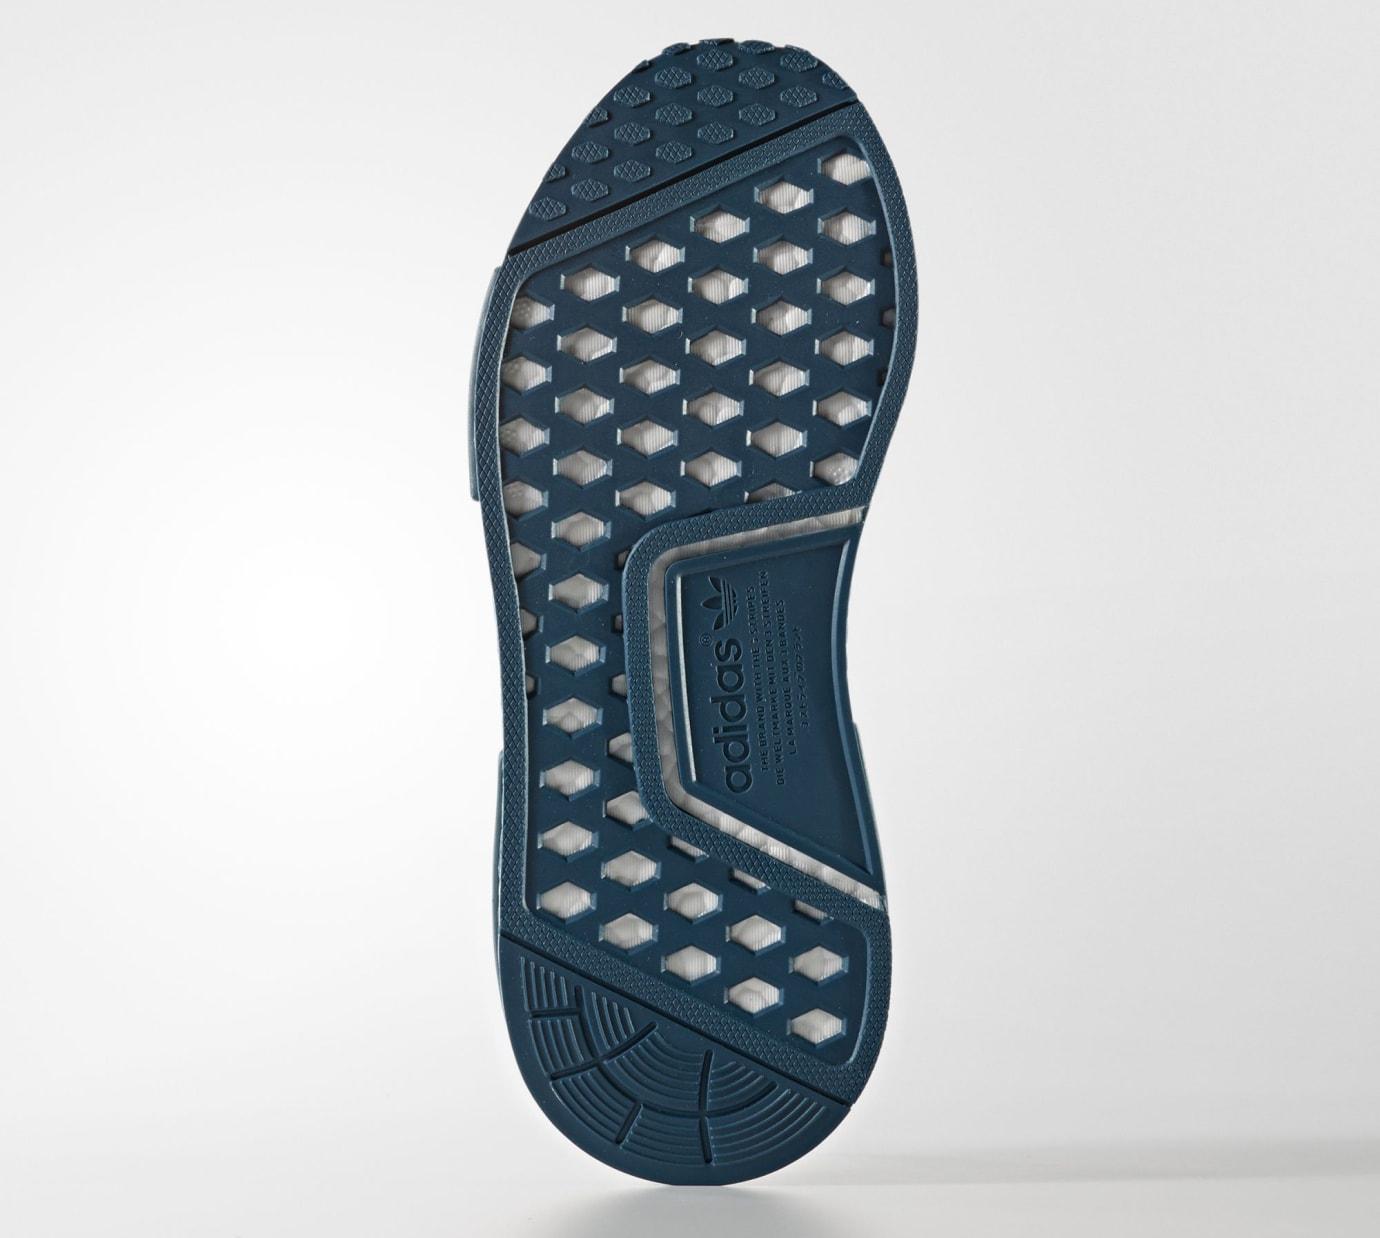 Adidas NMD Blue Grey Glitch Boost CG3601 Sole